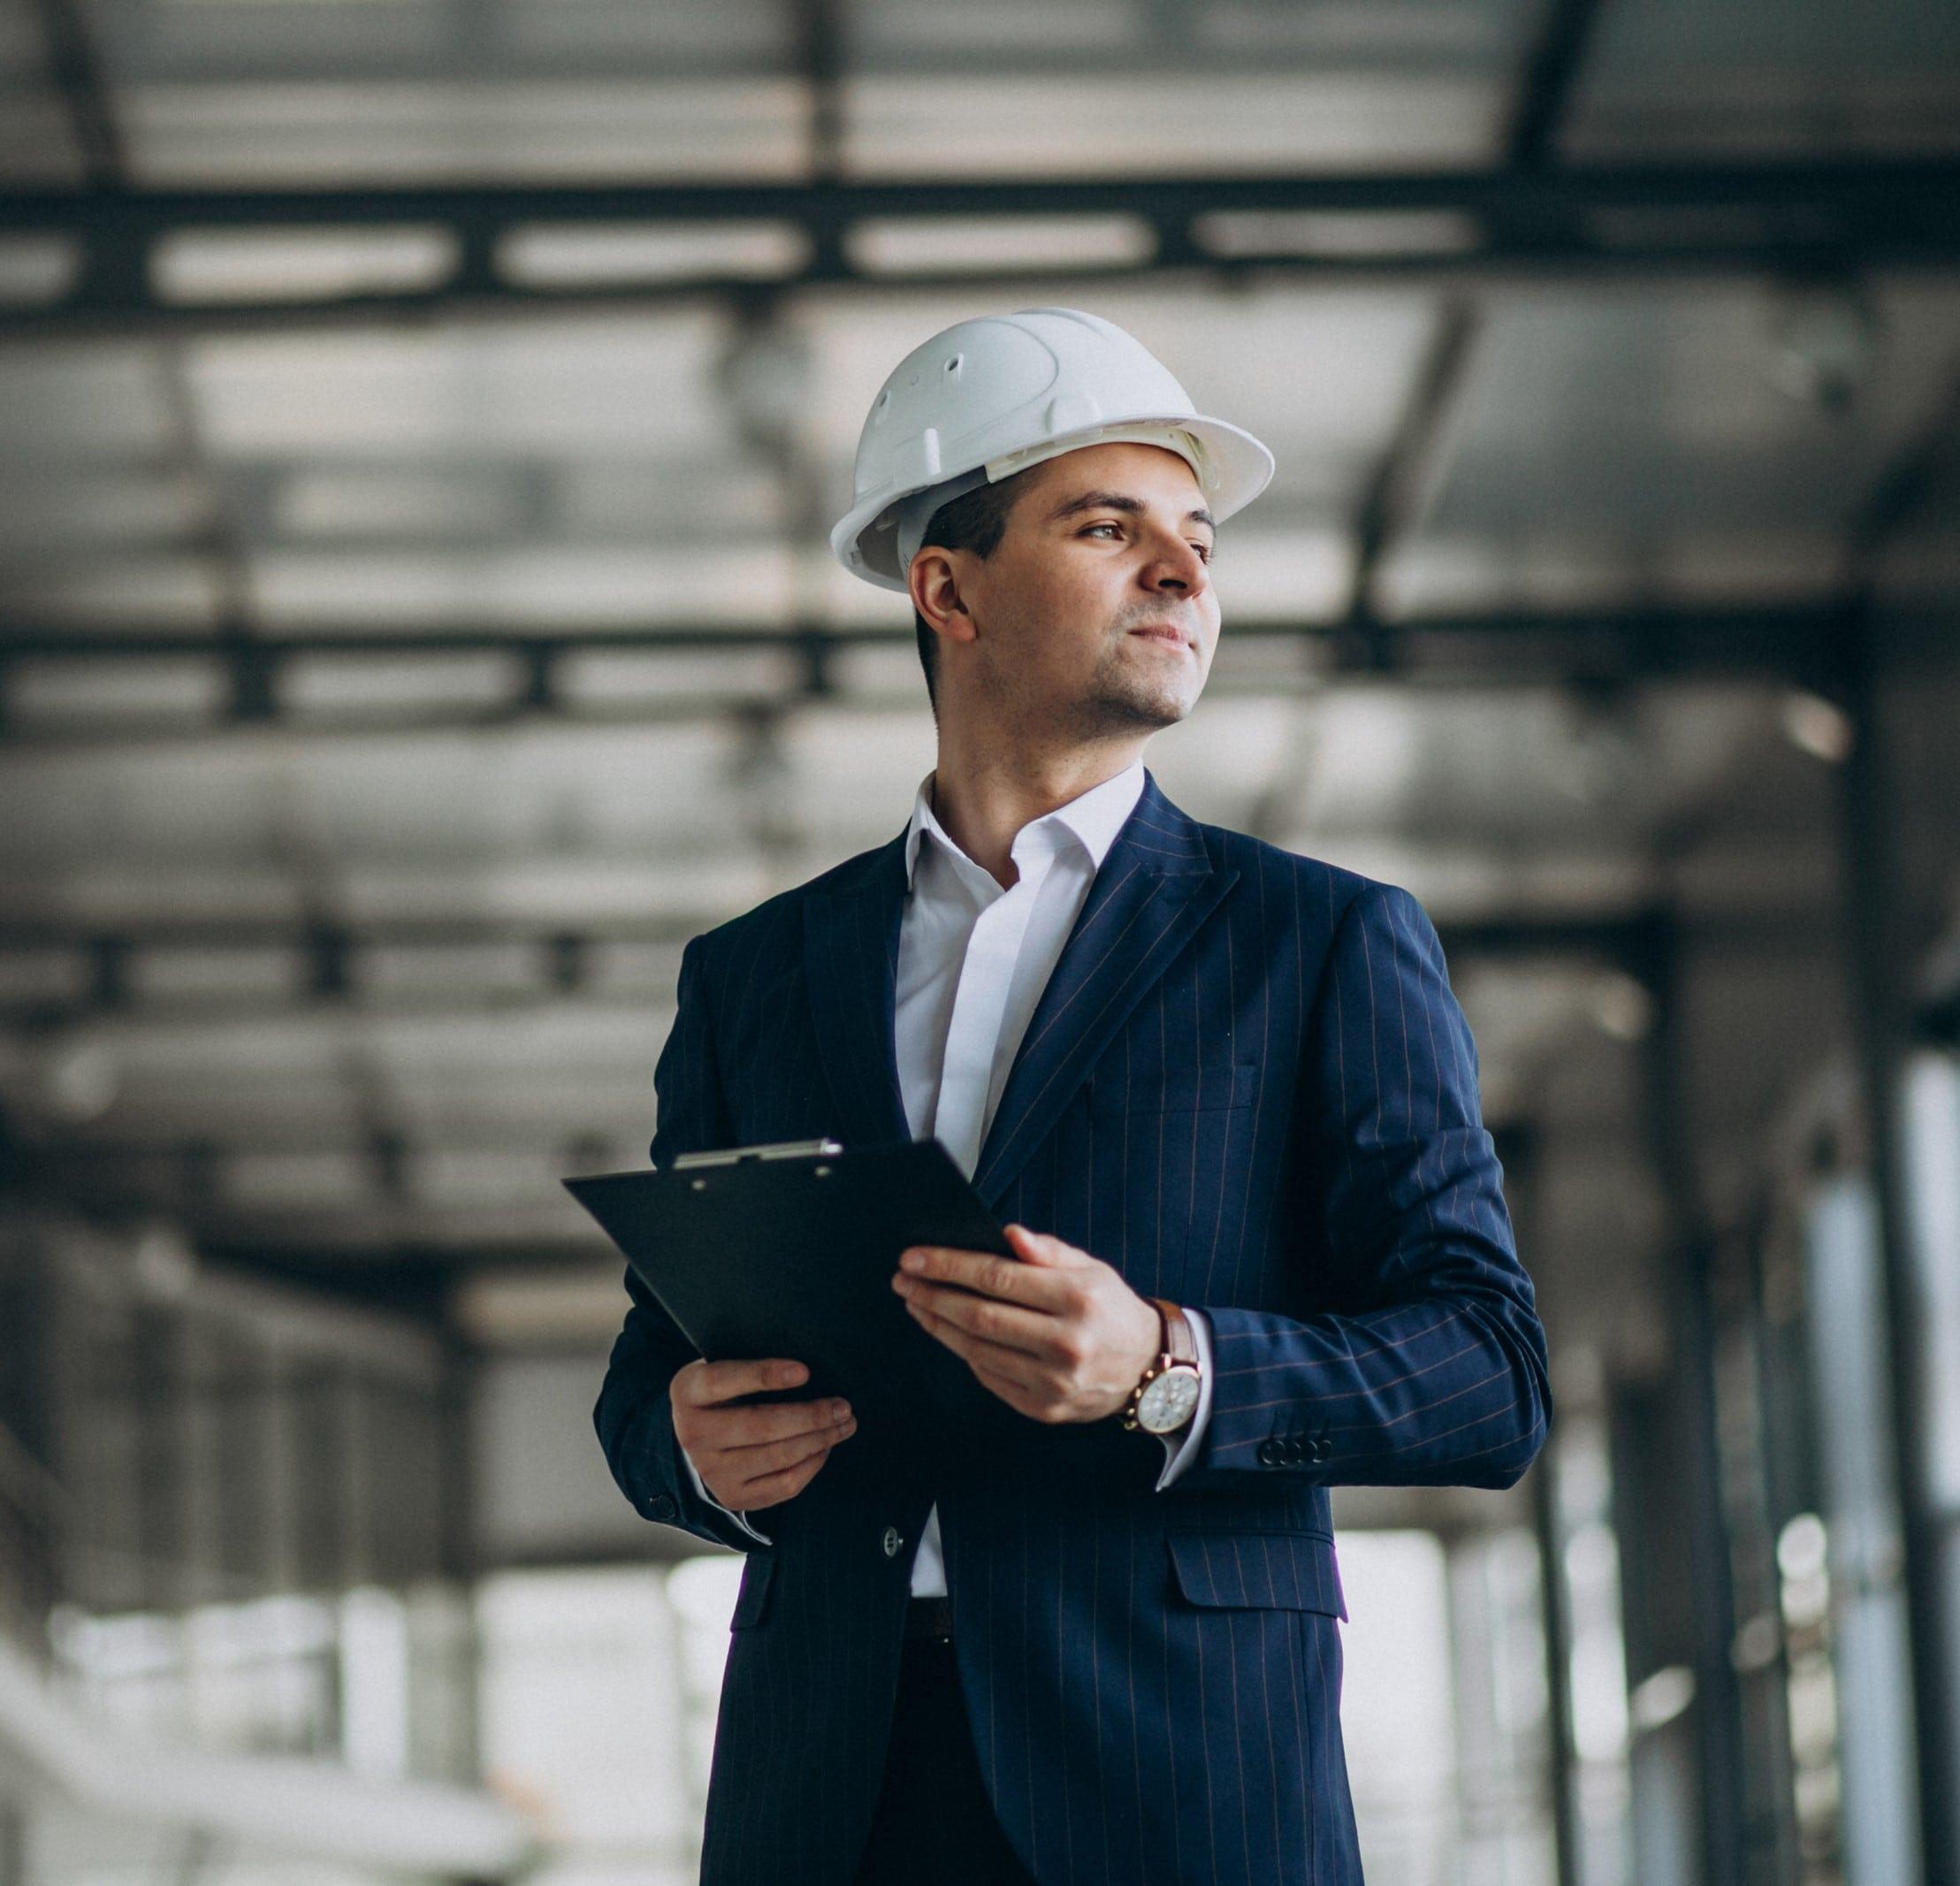 engenheiro-negócios-análise-confiante